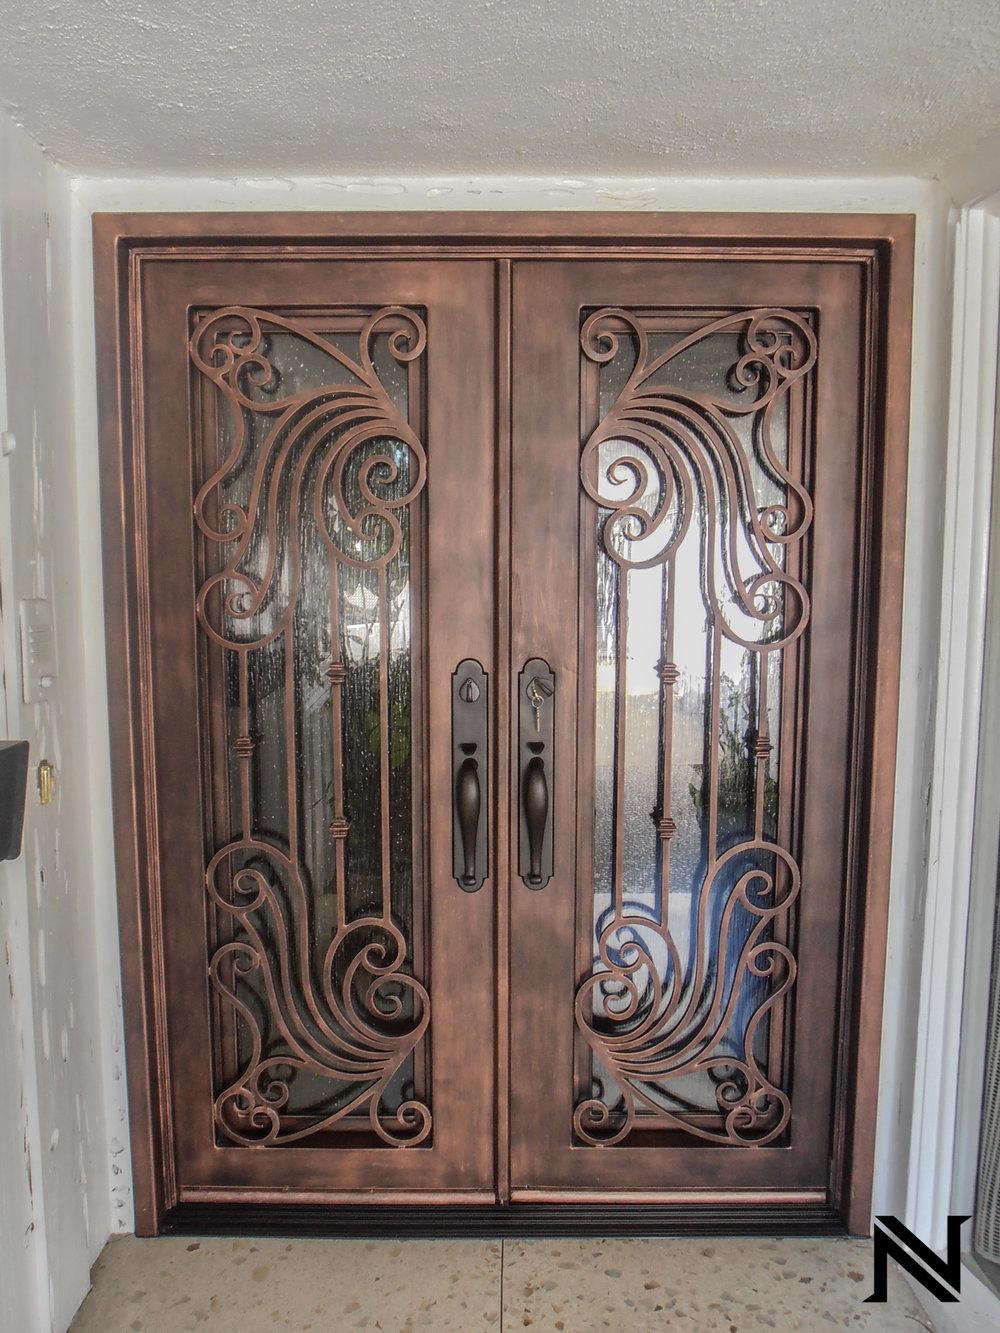 Doors C17